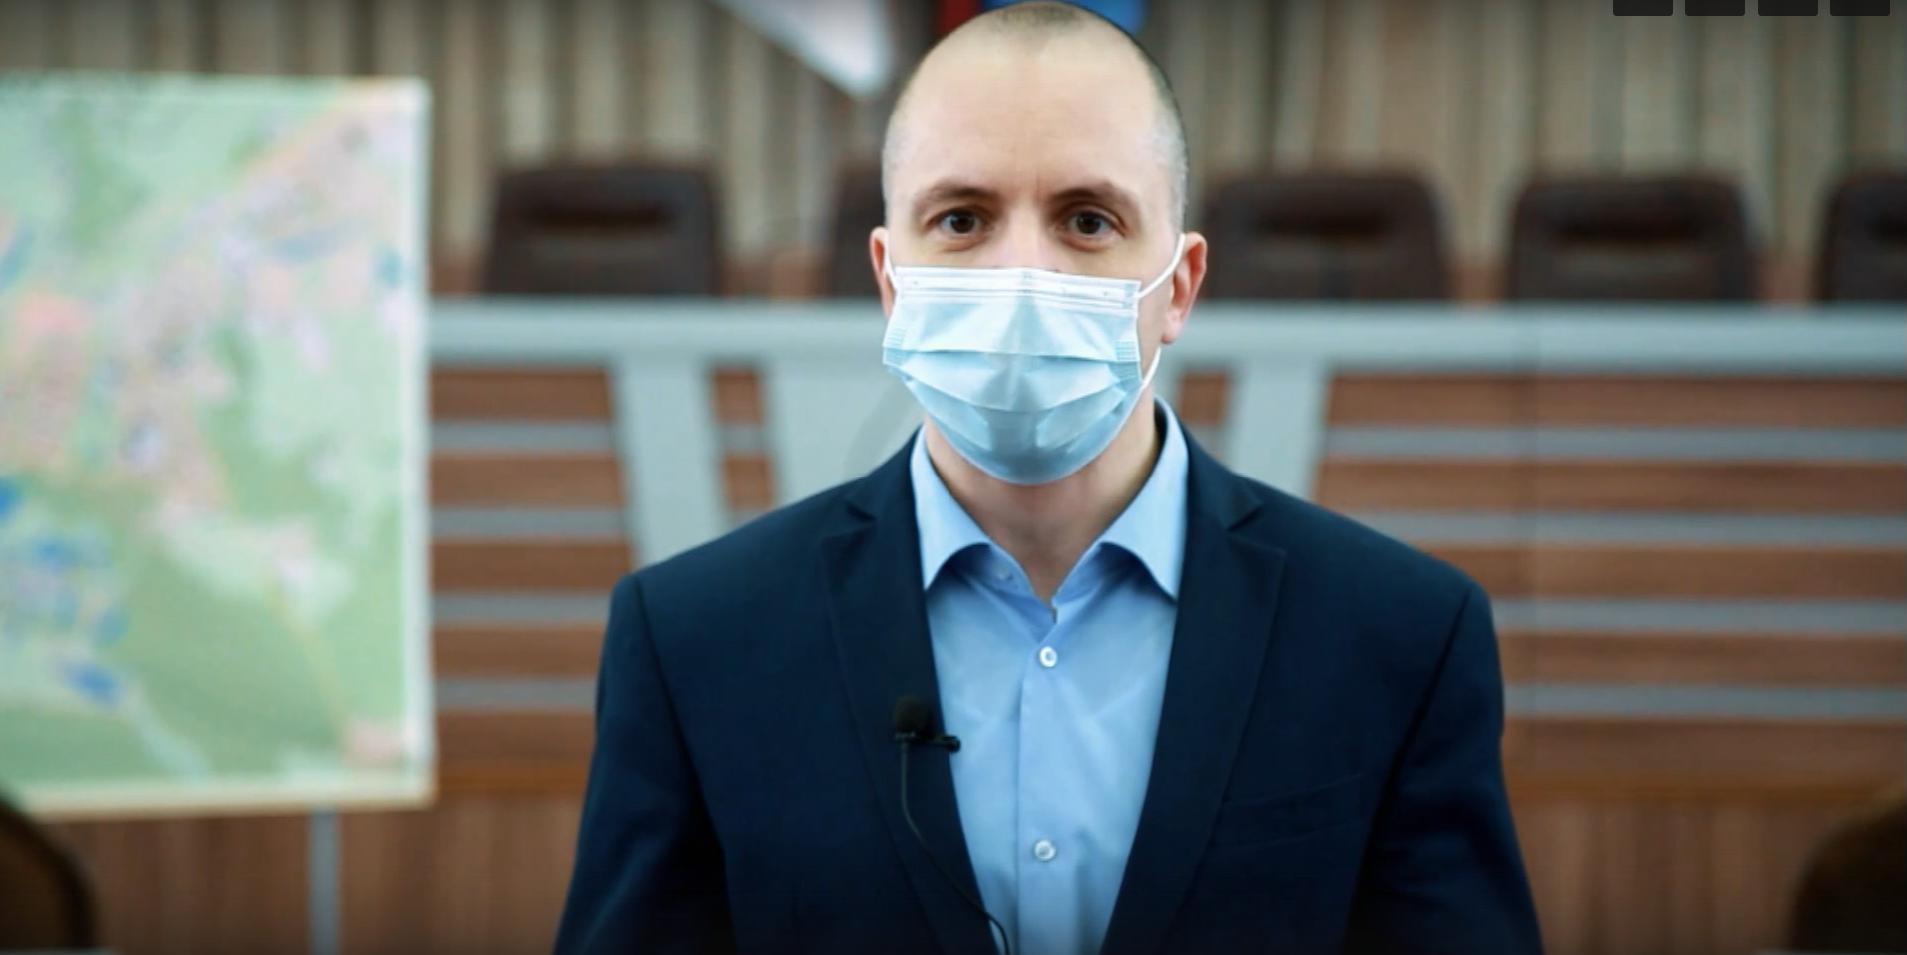 Мэр Йошкар-Олы обратился к горожанам с предложением выбрать места для благоустройства